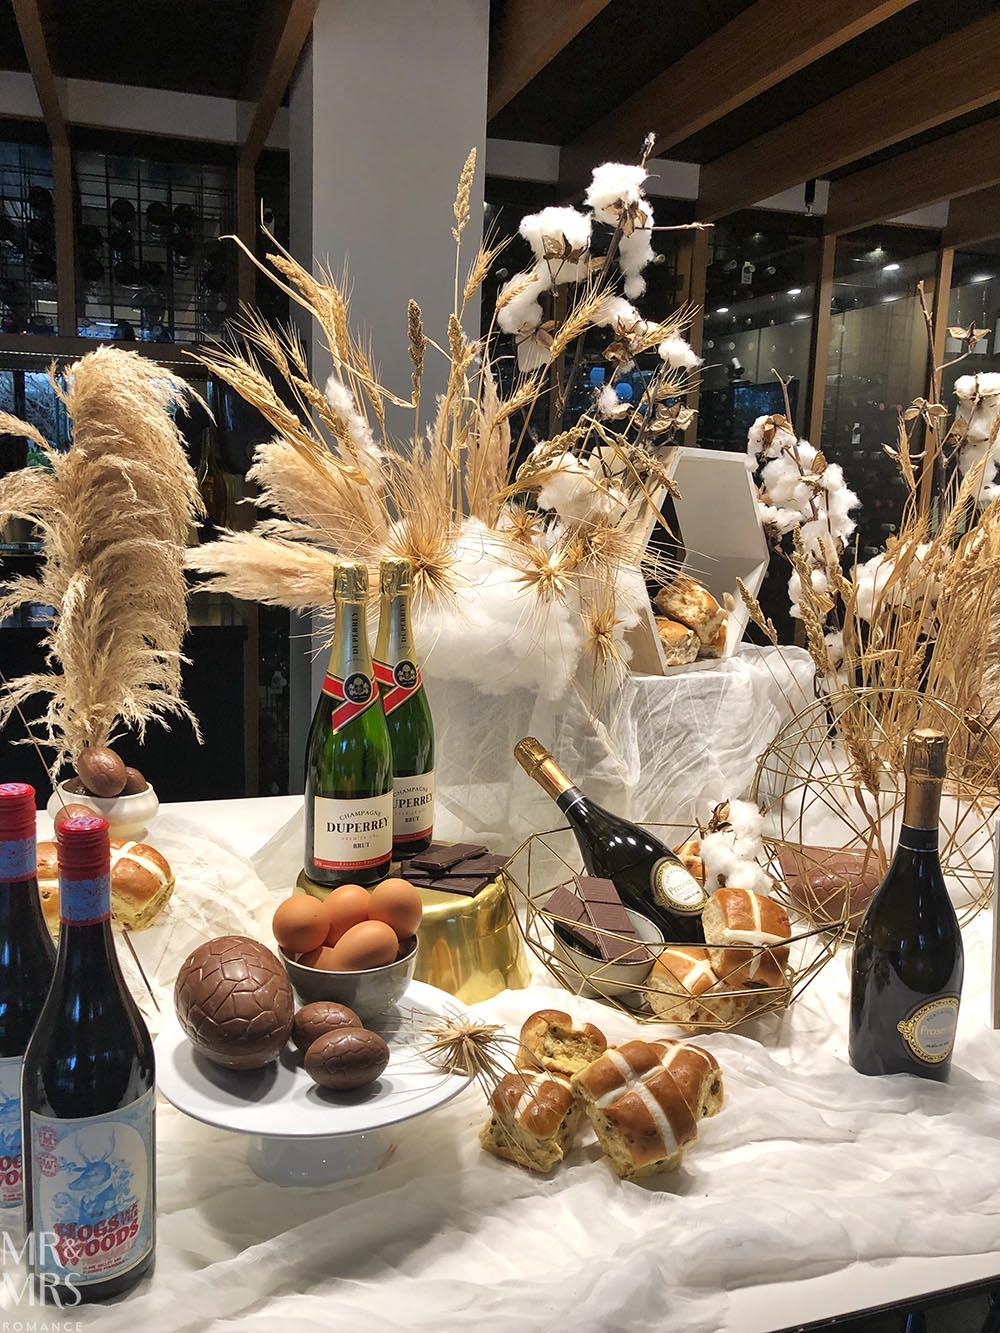 Easter wines at Pinnacle Drinks